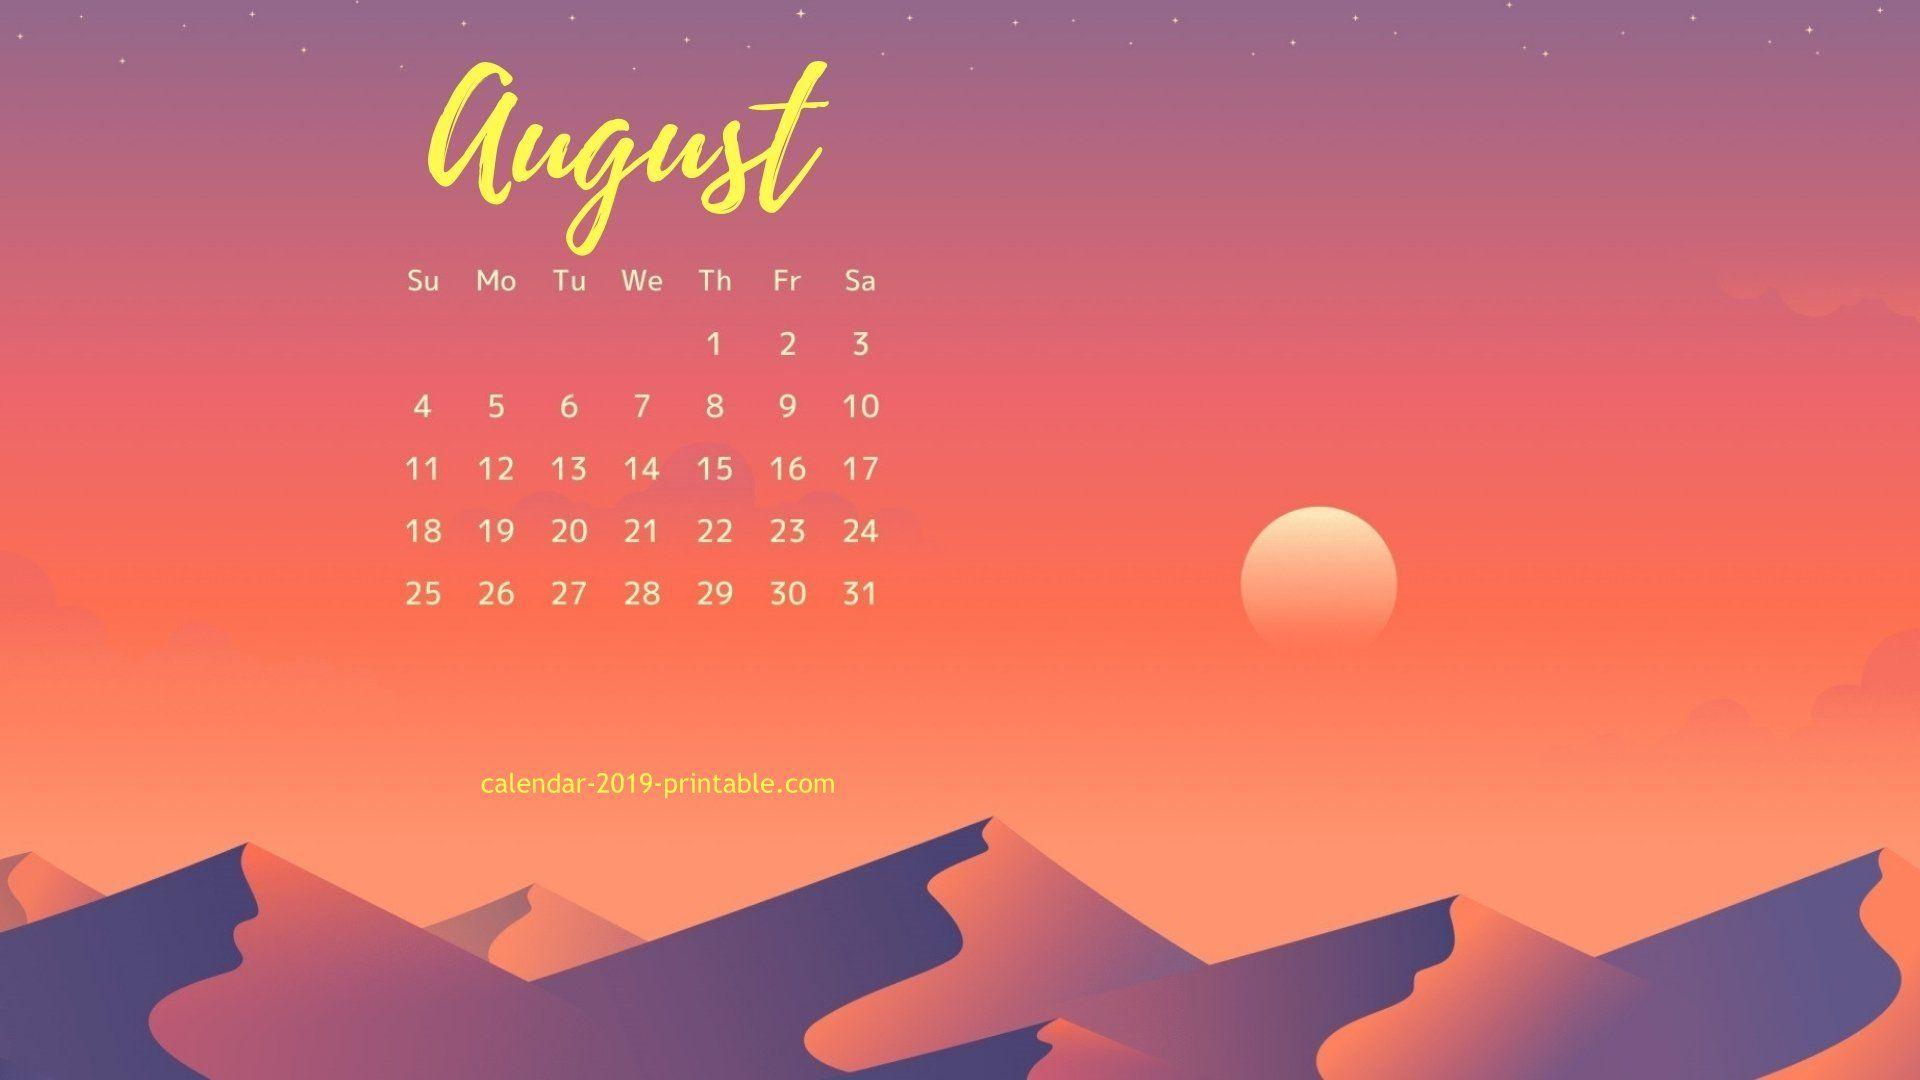 august 2019 calendar wallpaper 2019 Calendars Calendar 2019 1920x1080